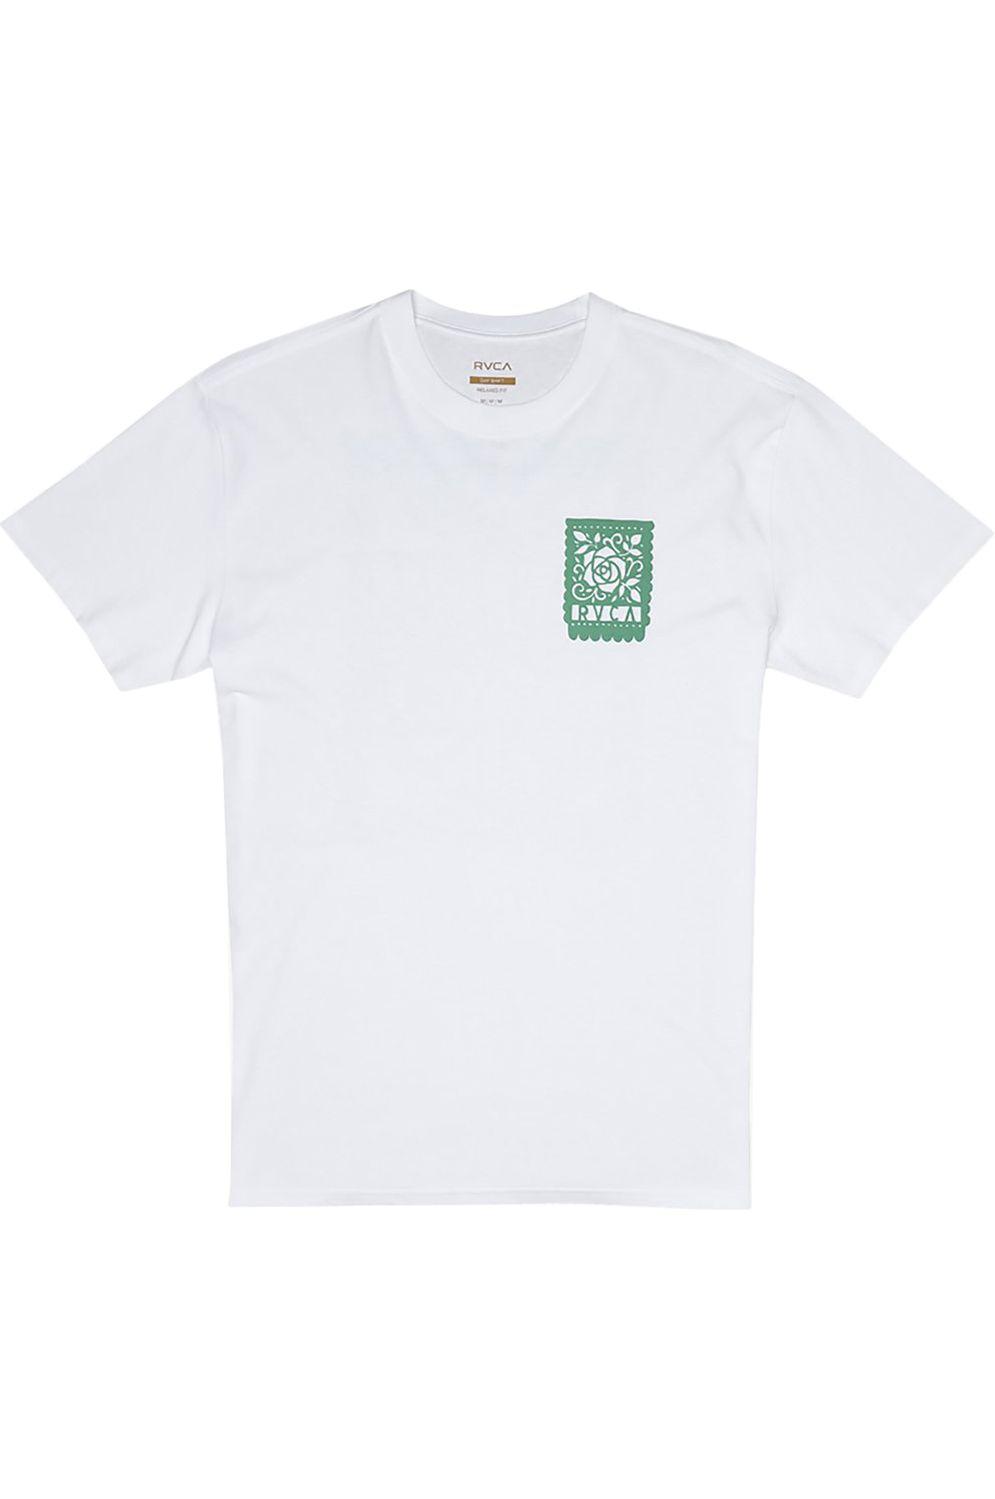 T-Shirt RVCA LA ROSA HOT FUDGE White